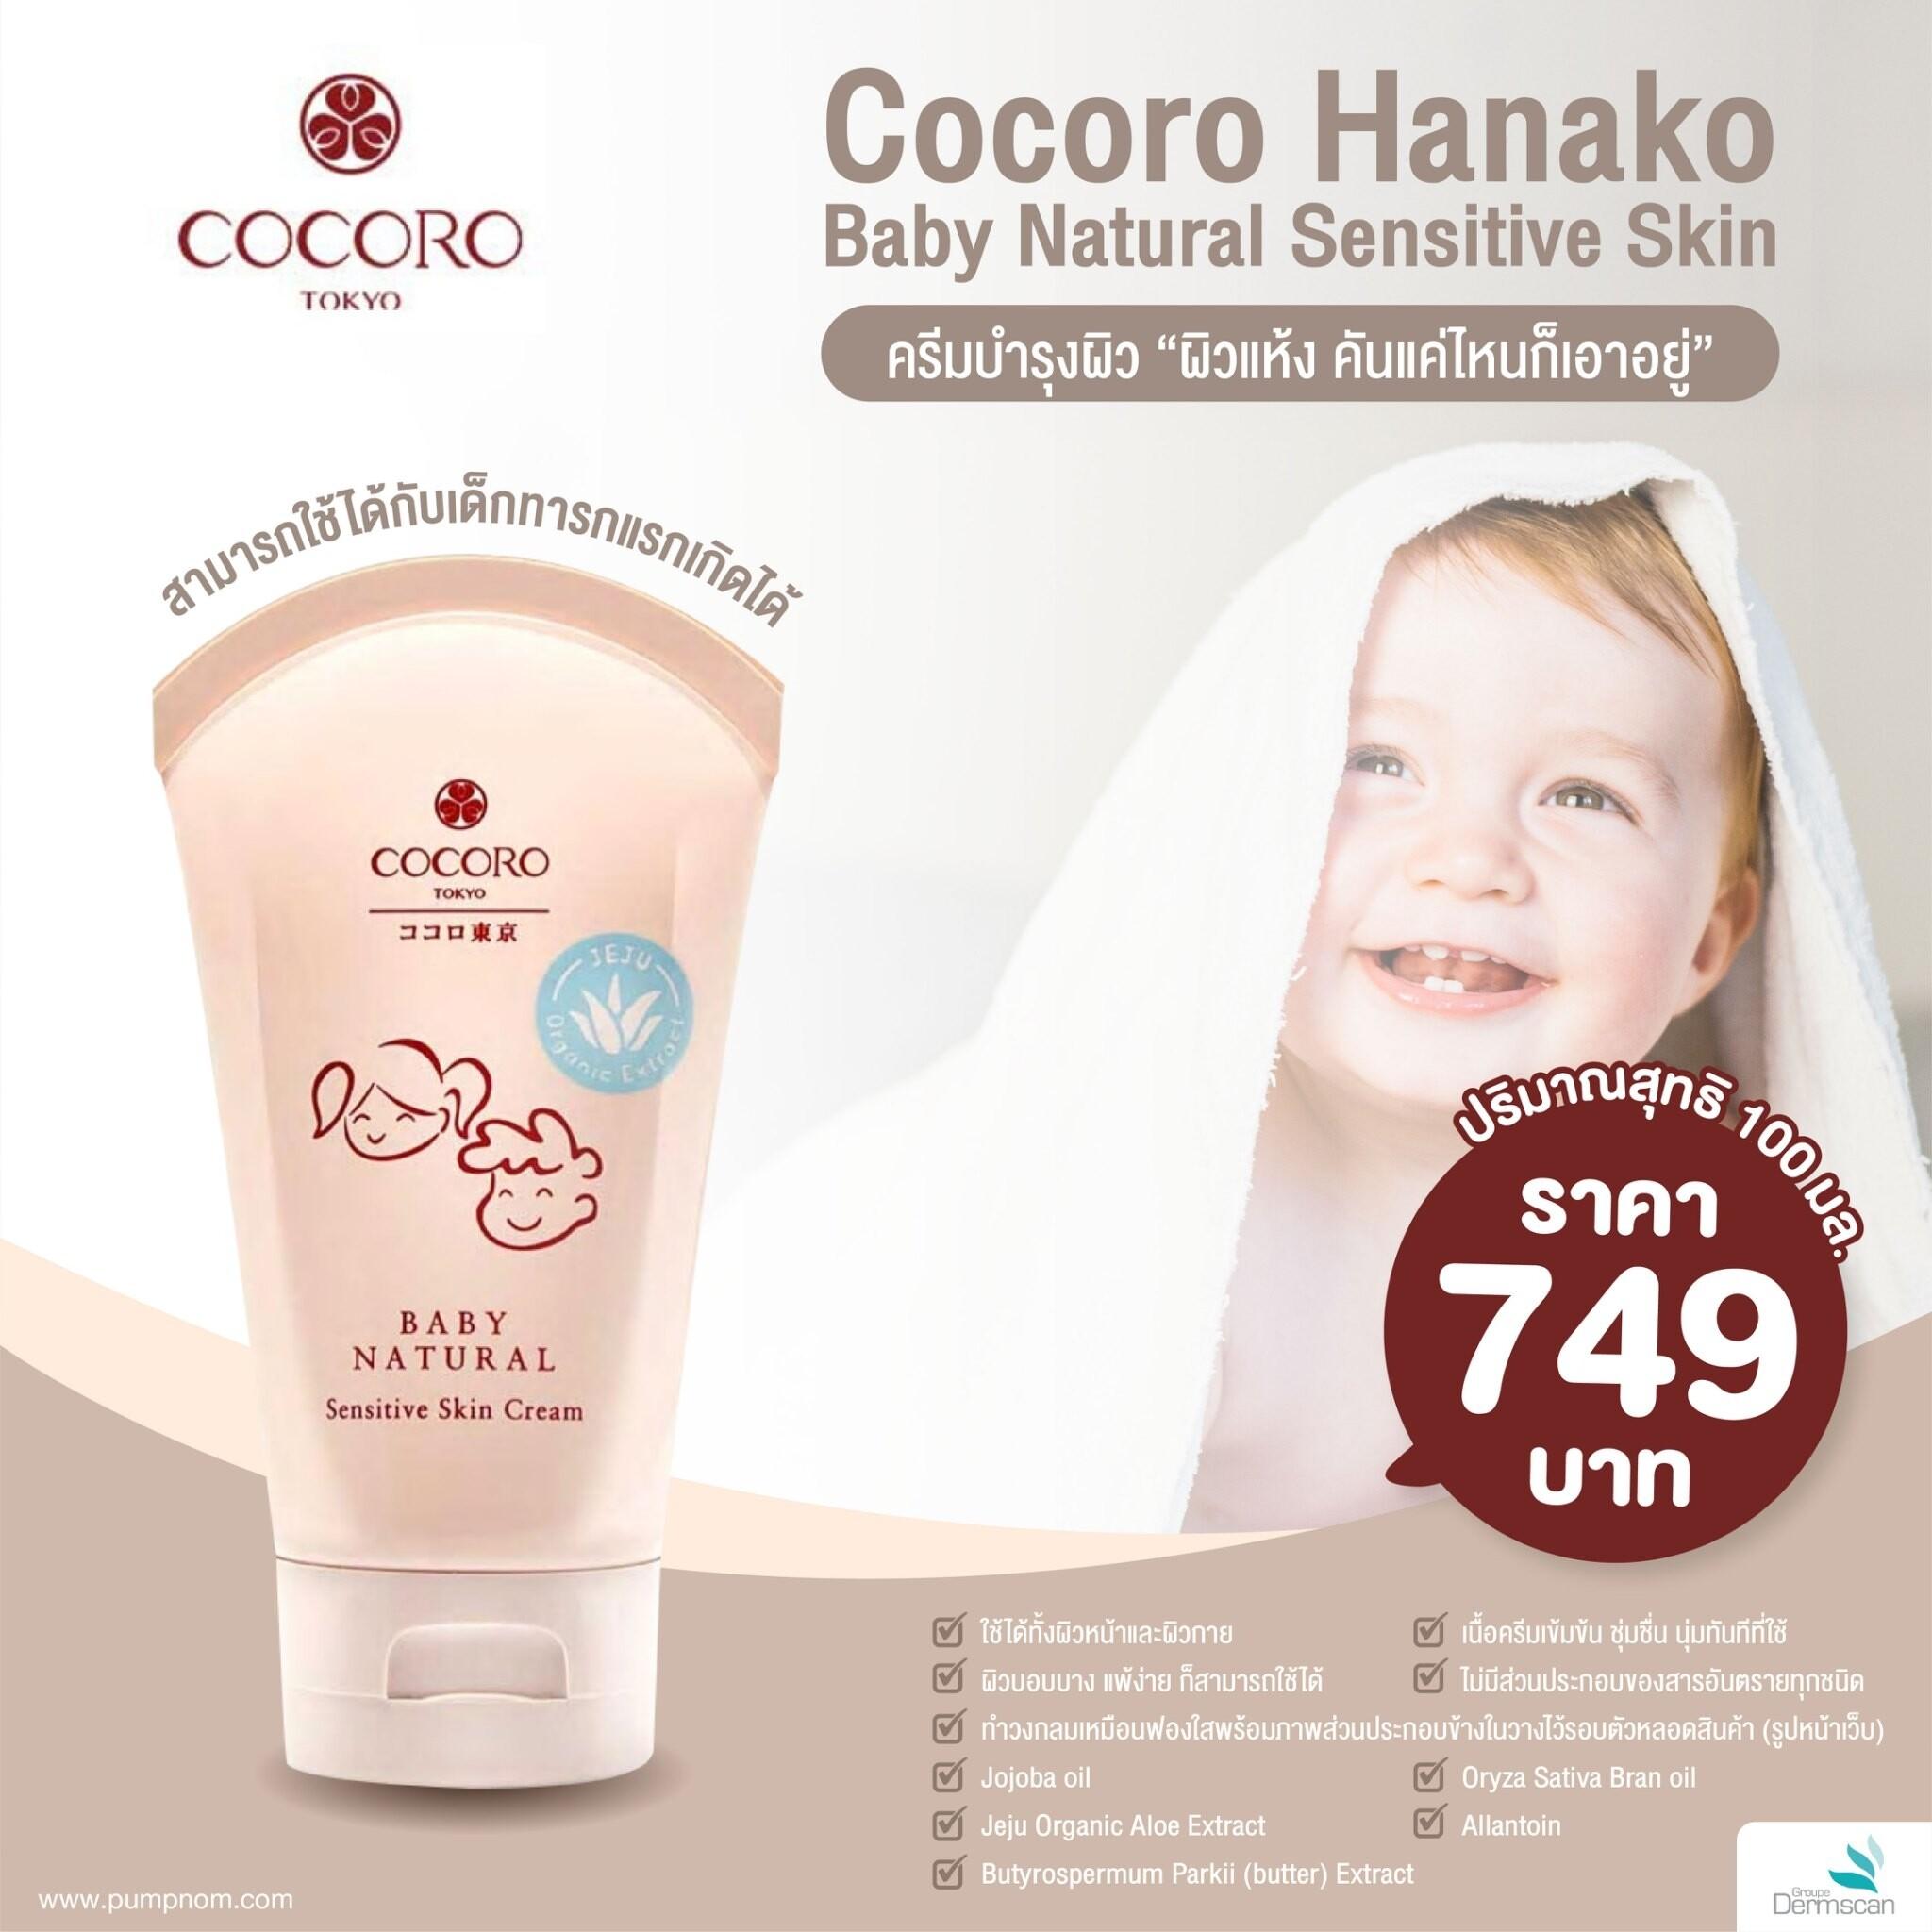 ซื้อที่ไหน COCORO HANAKO (โคโคโร่ ฮานาโกะ) BABY NATURAL SENSITIVE SKIN ครีมบำรุงผิว ผิวหนังภูมิแพ้ แห้งคัน นุ่ม ลื่นหมดคัน